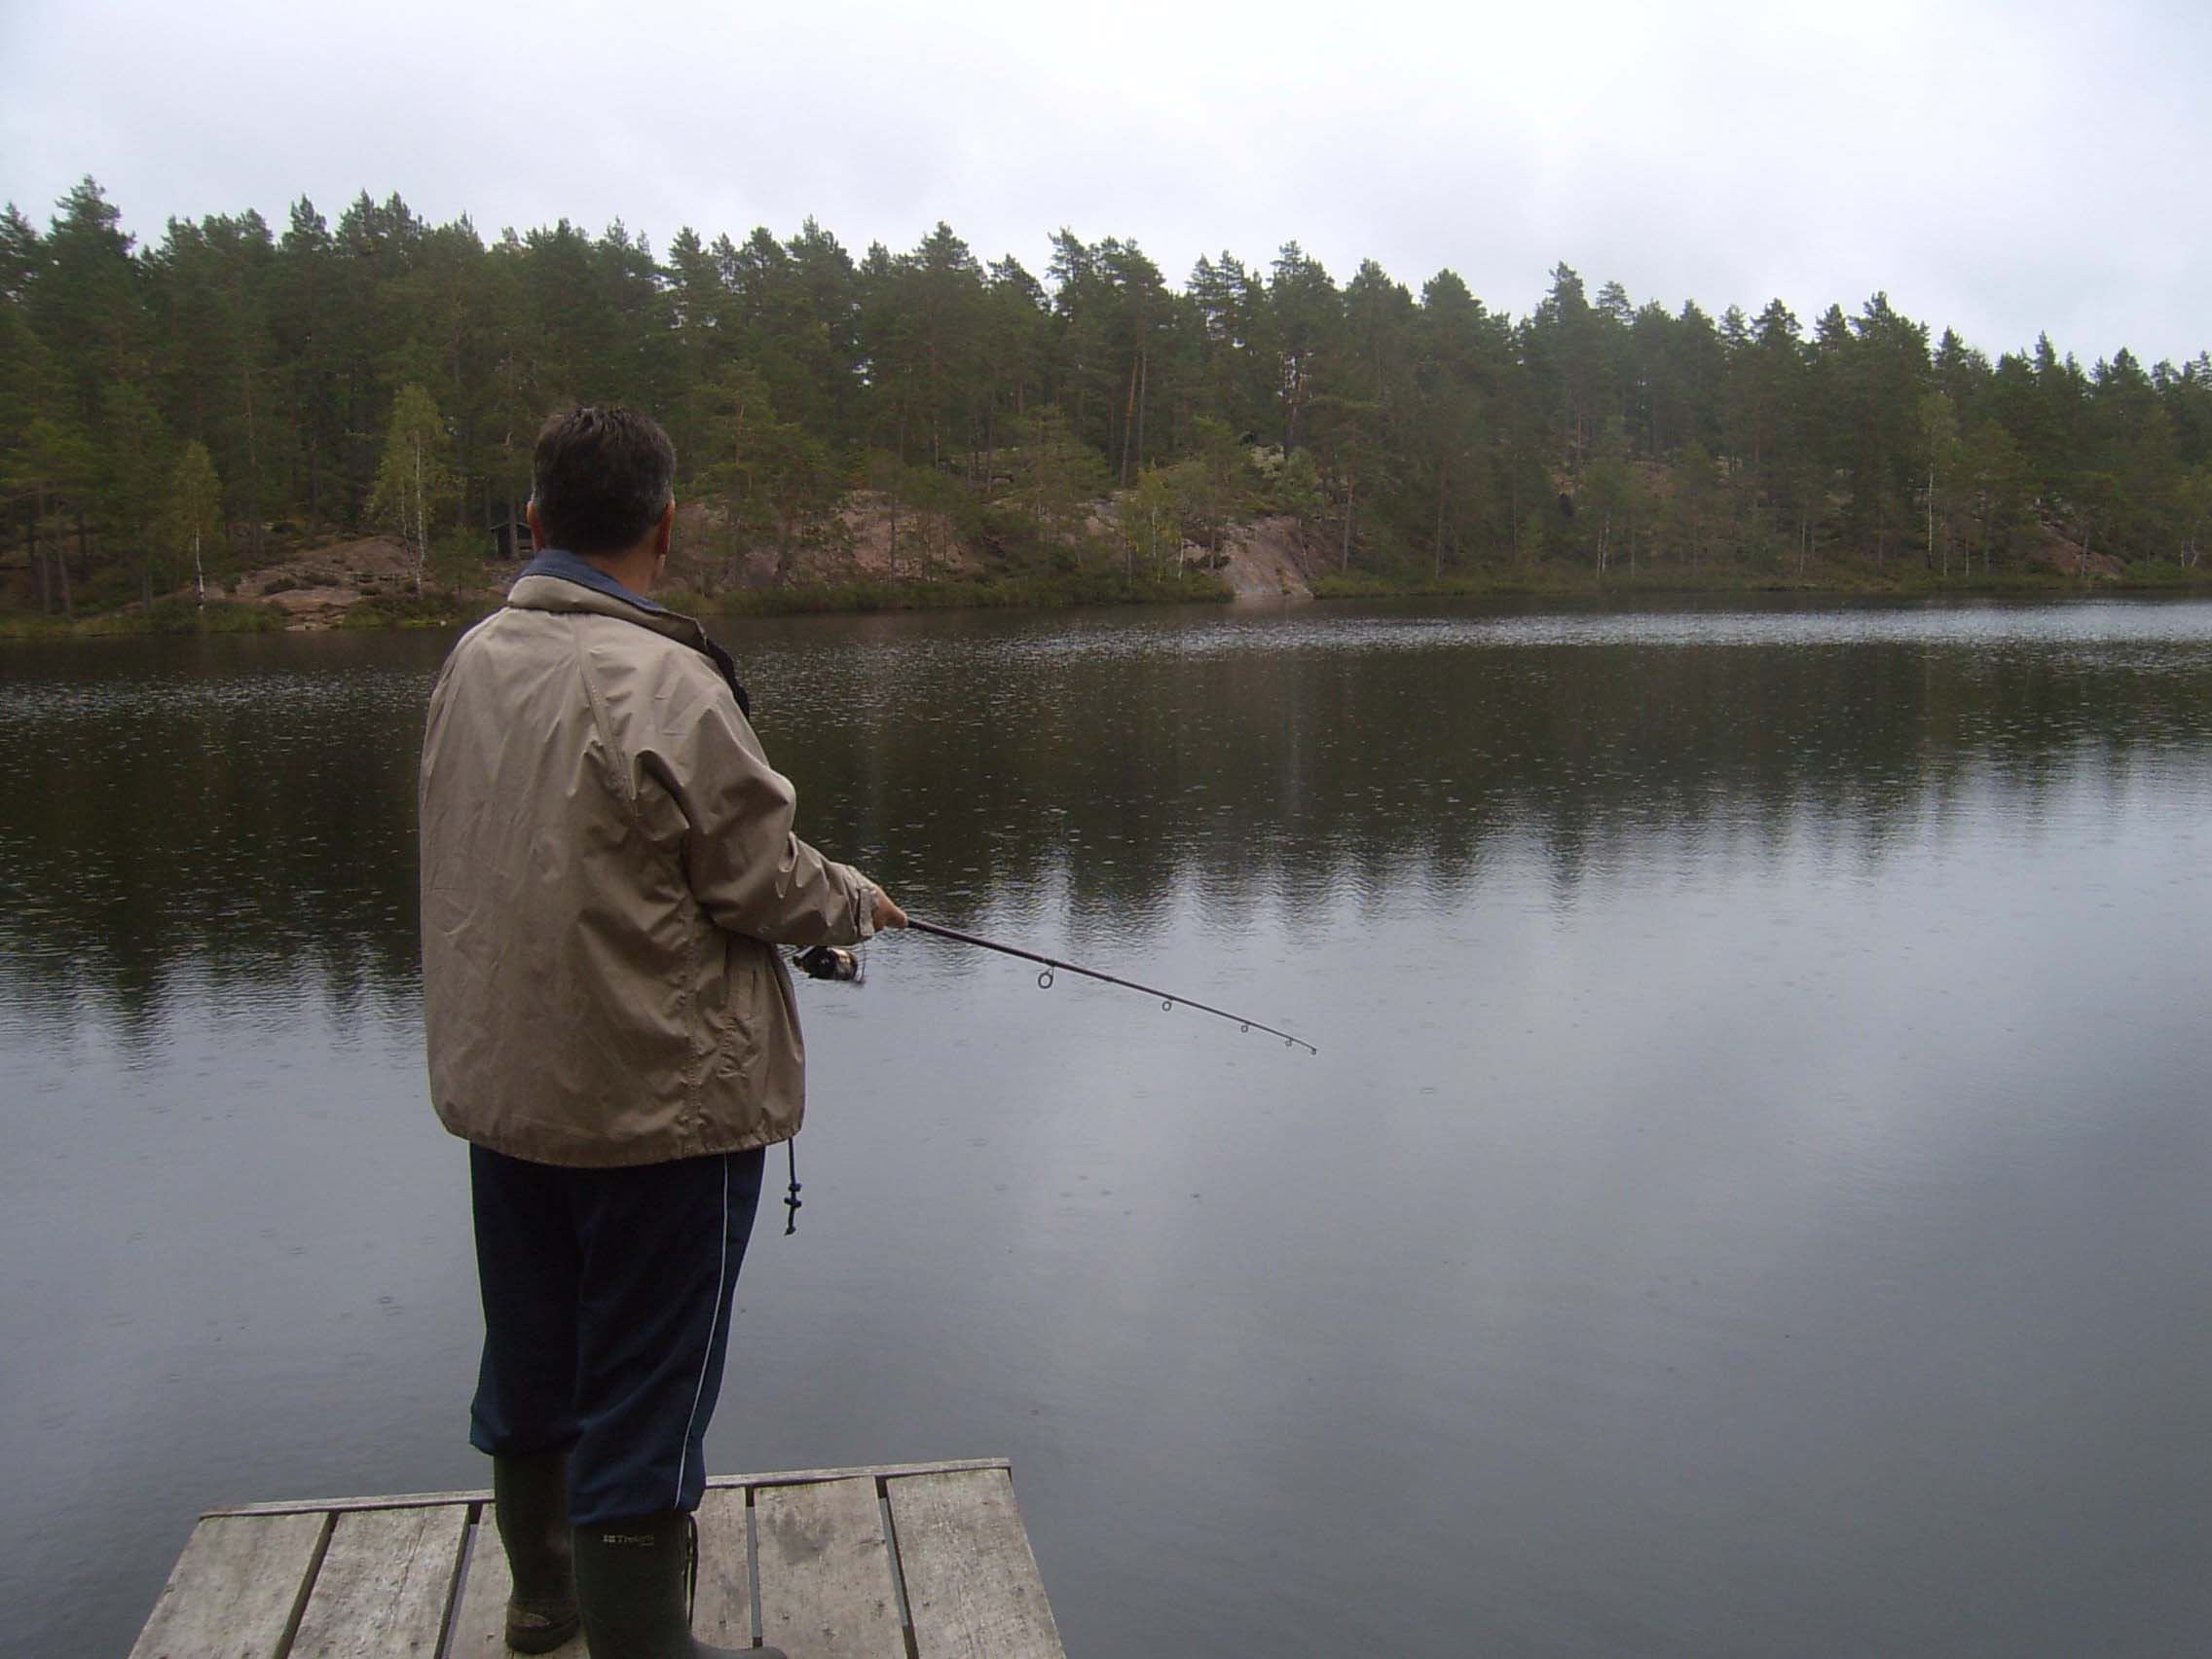 C-J Månsson, Djupsjön, Stora Hammarsjöområdet